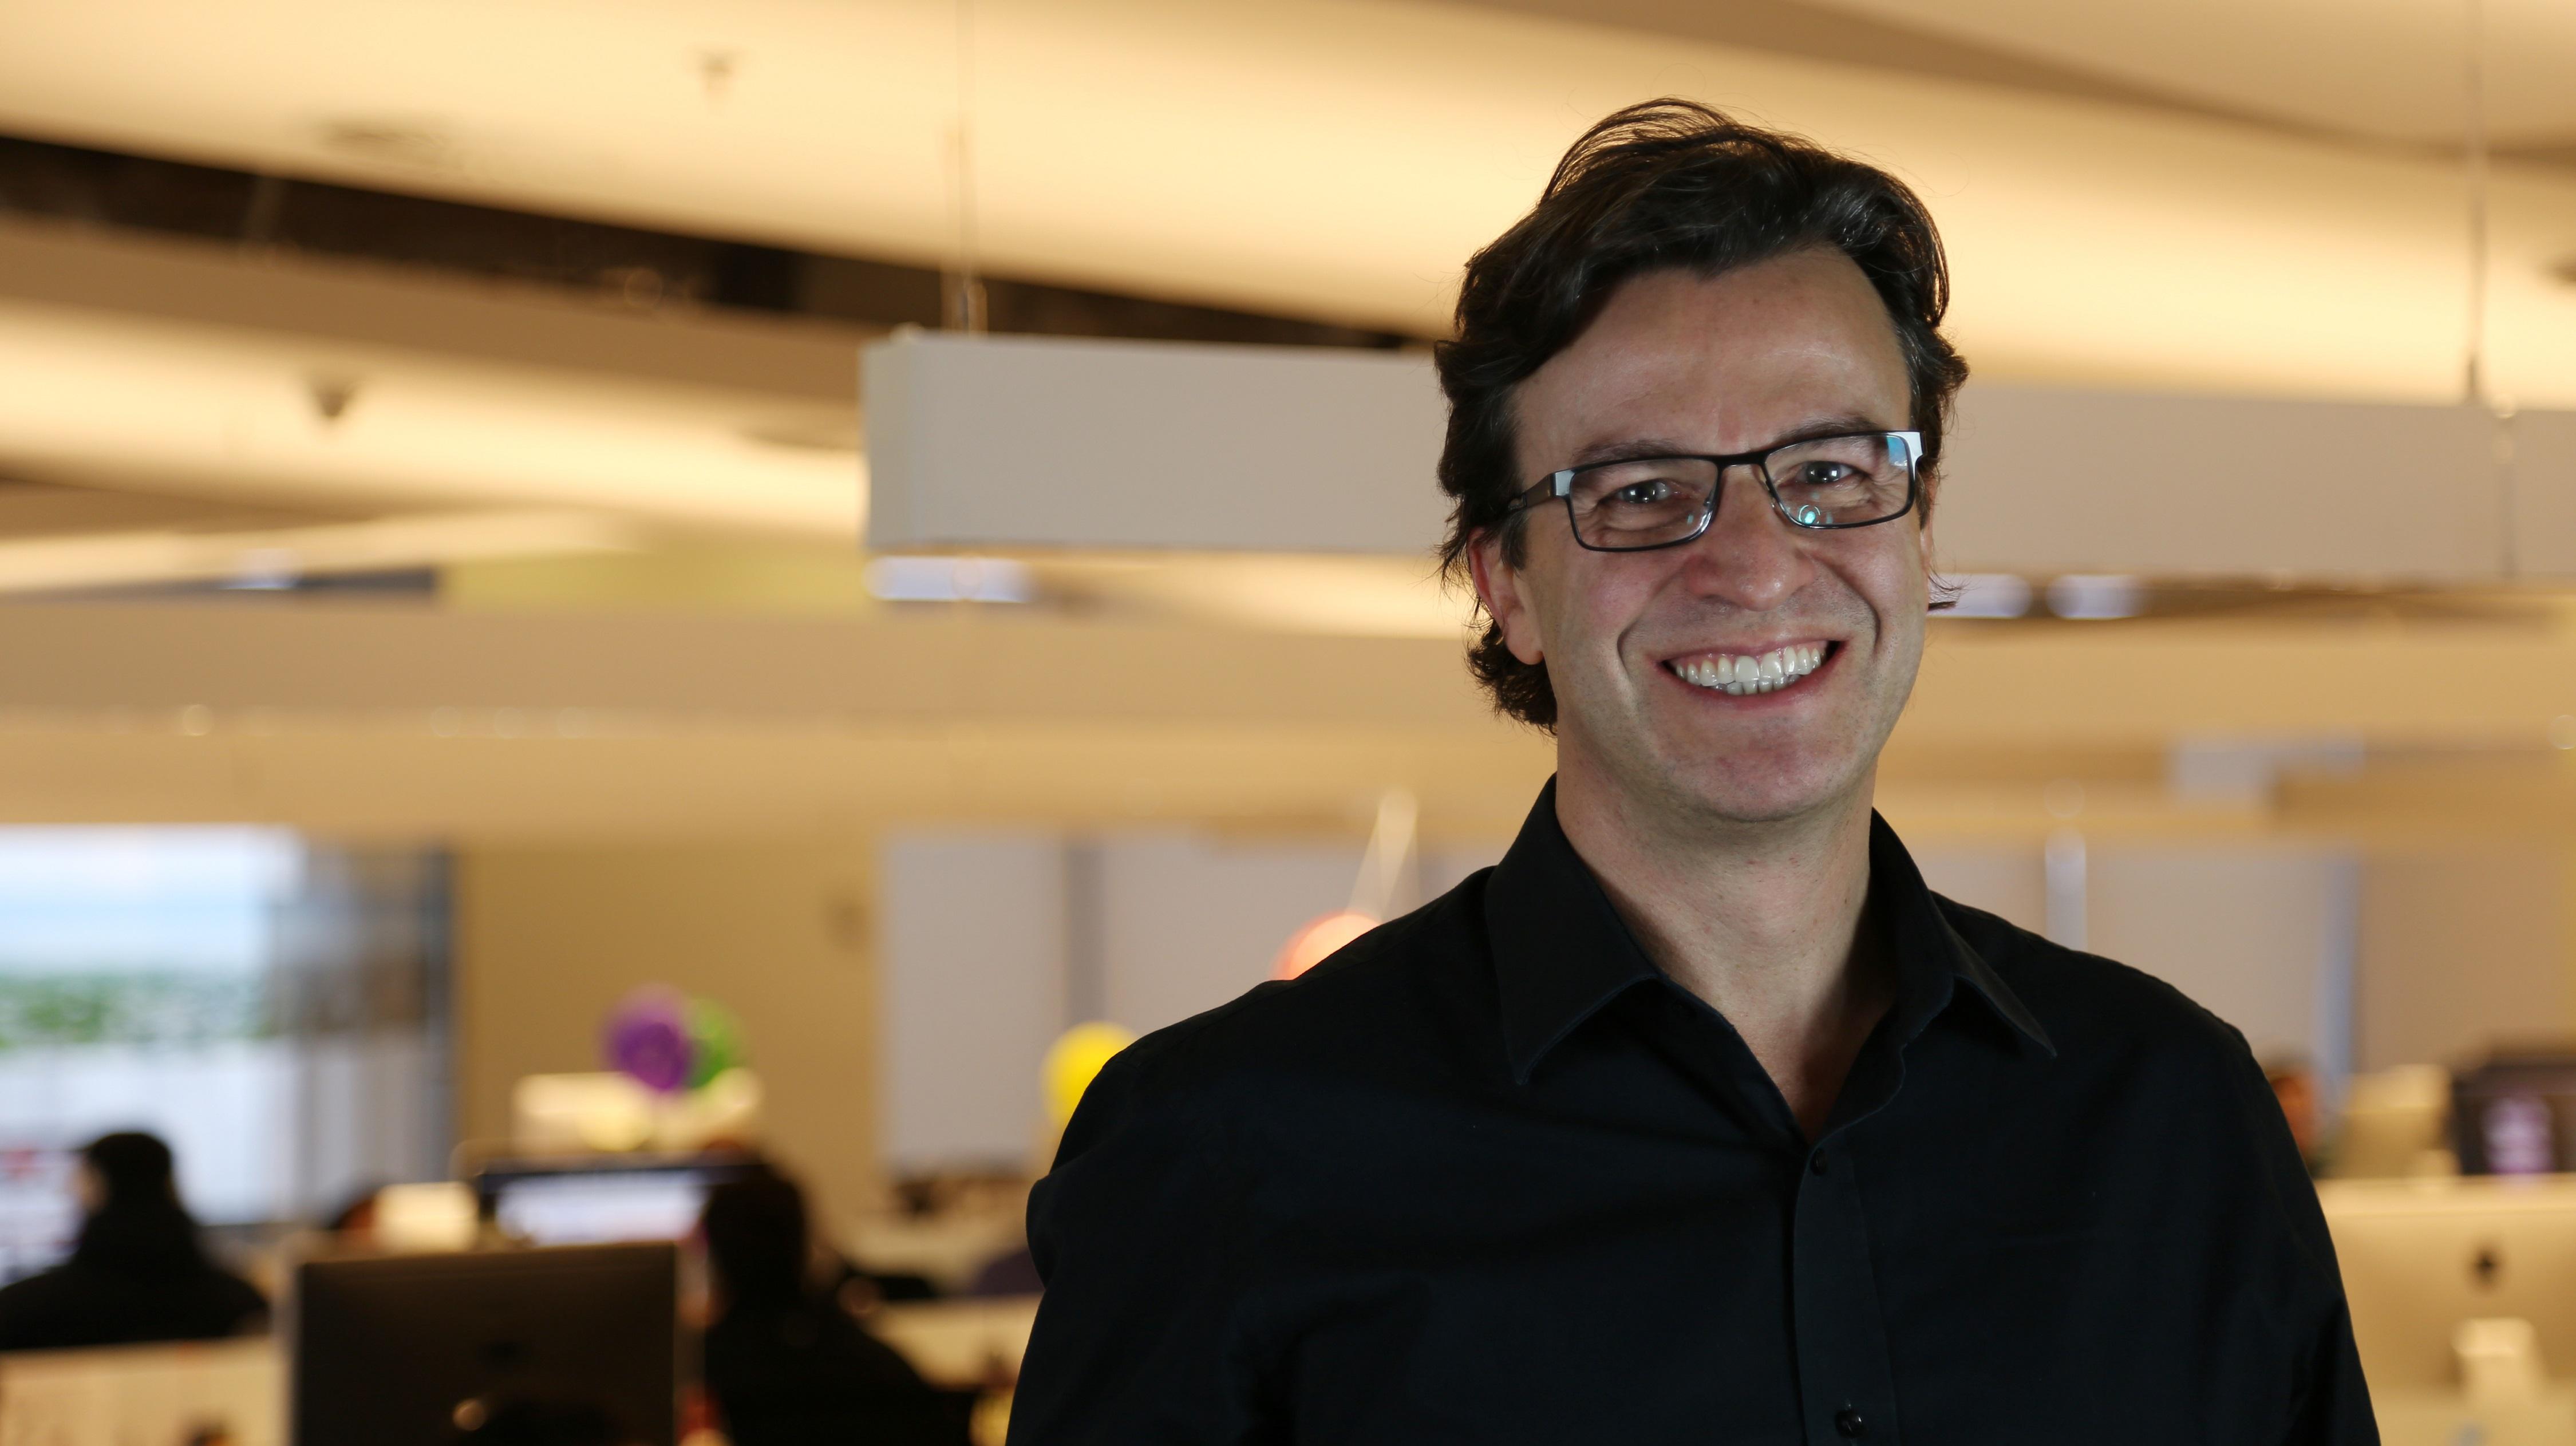 Alexandre Silveira